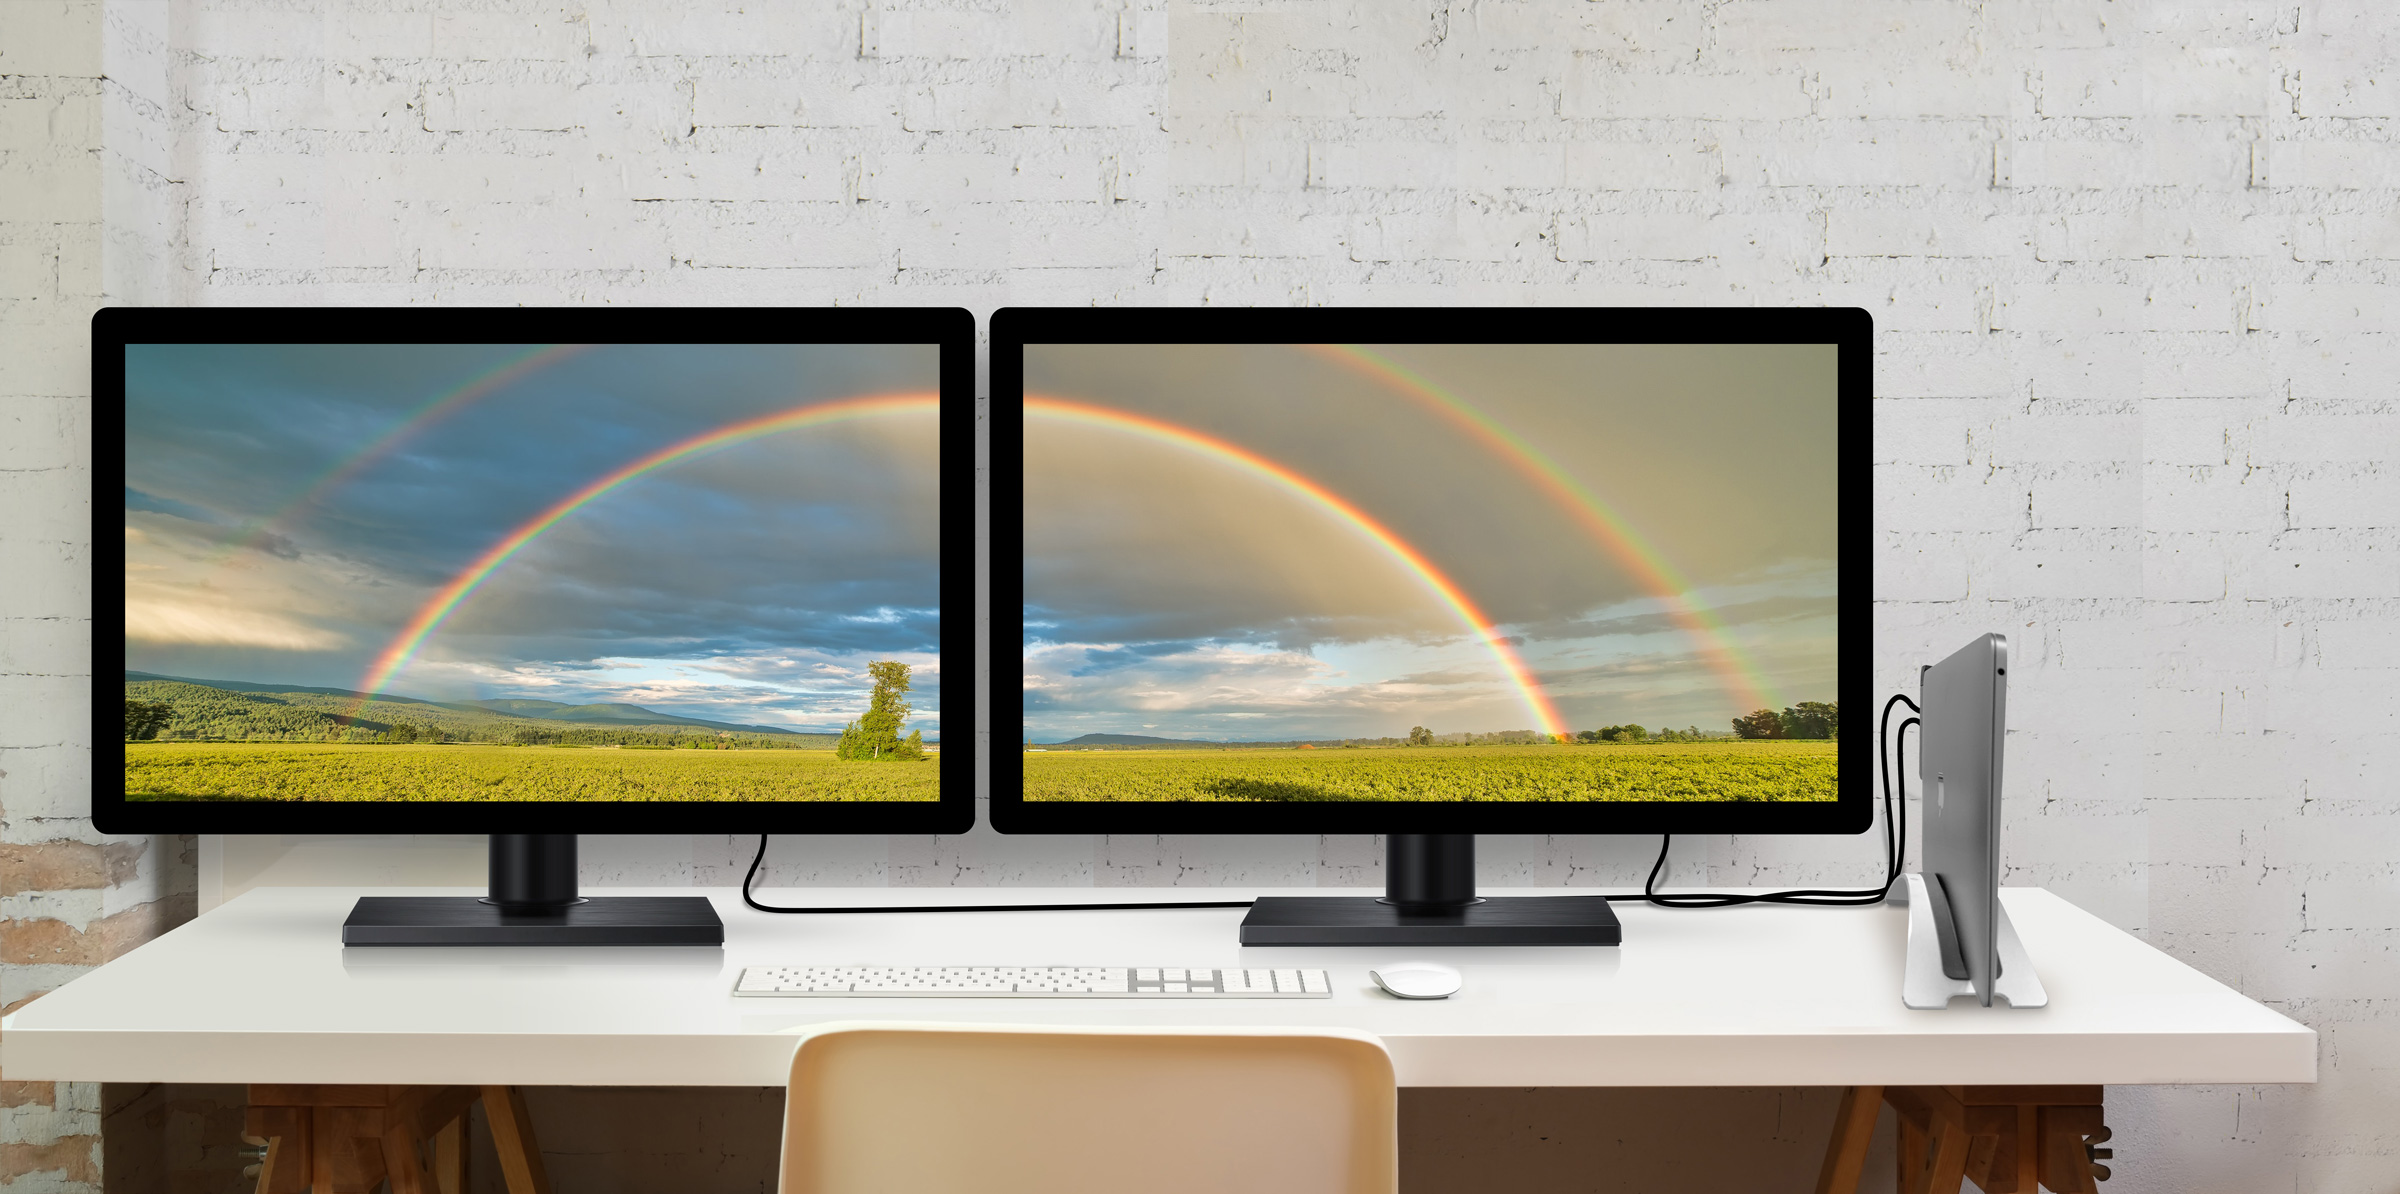 テレワークやビデオ会議にも最適なMacBook専用ドッキングステーション ALMIGHTY DOCK TB4 一般販売開始 | F...